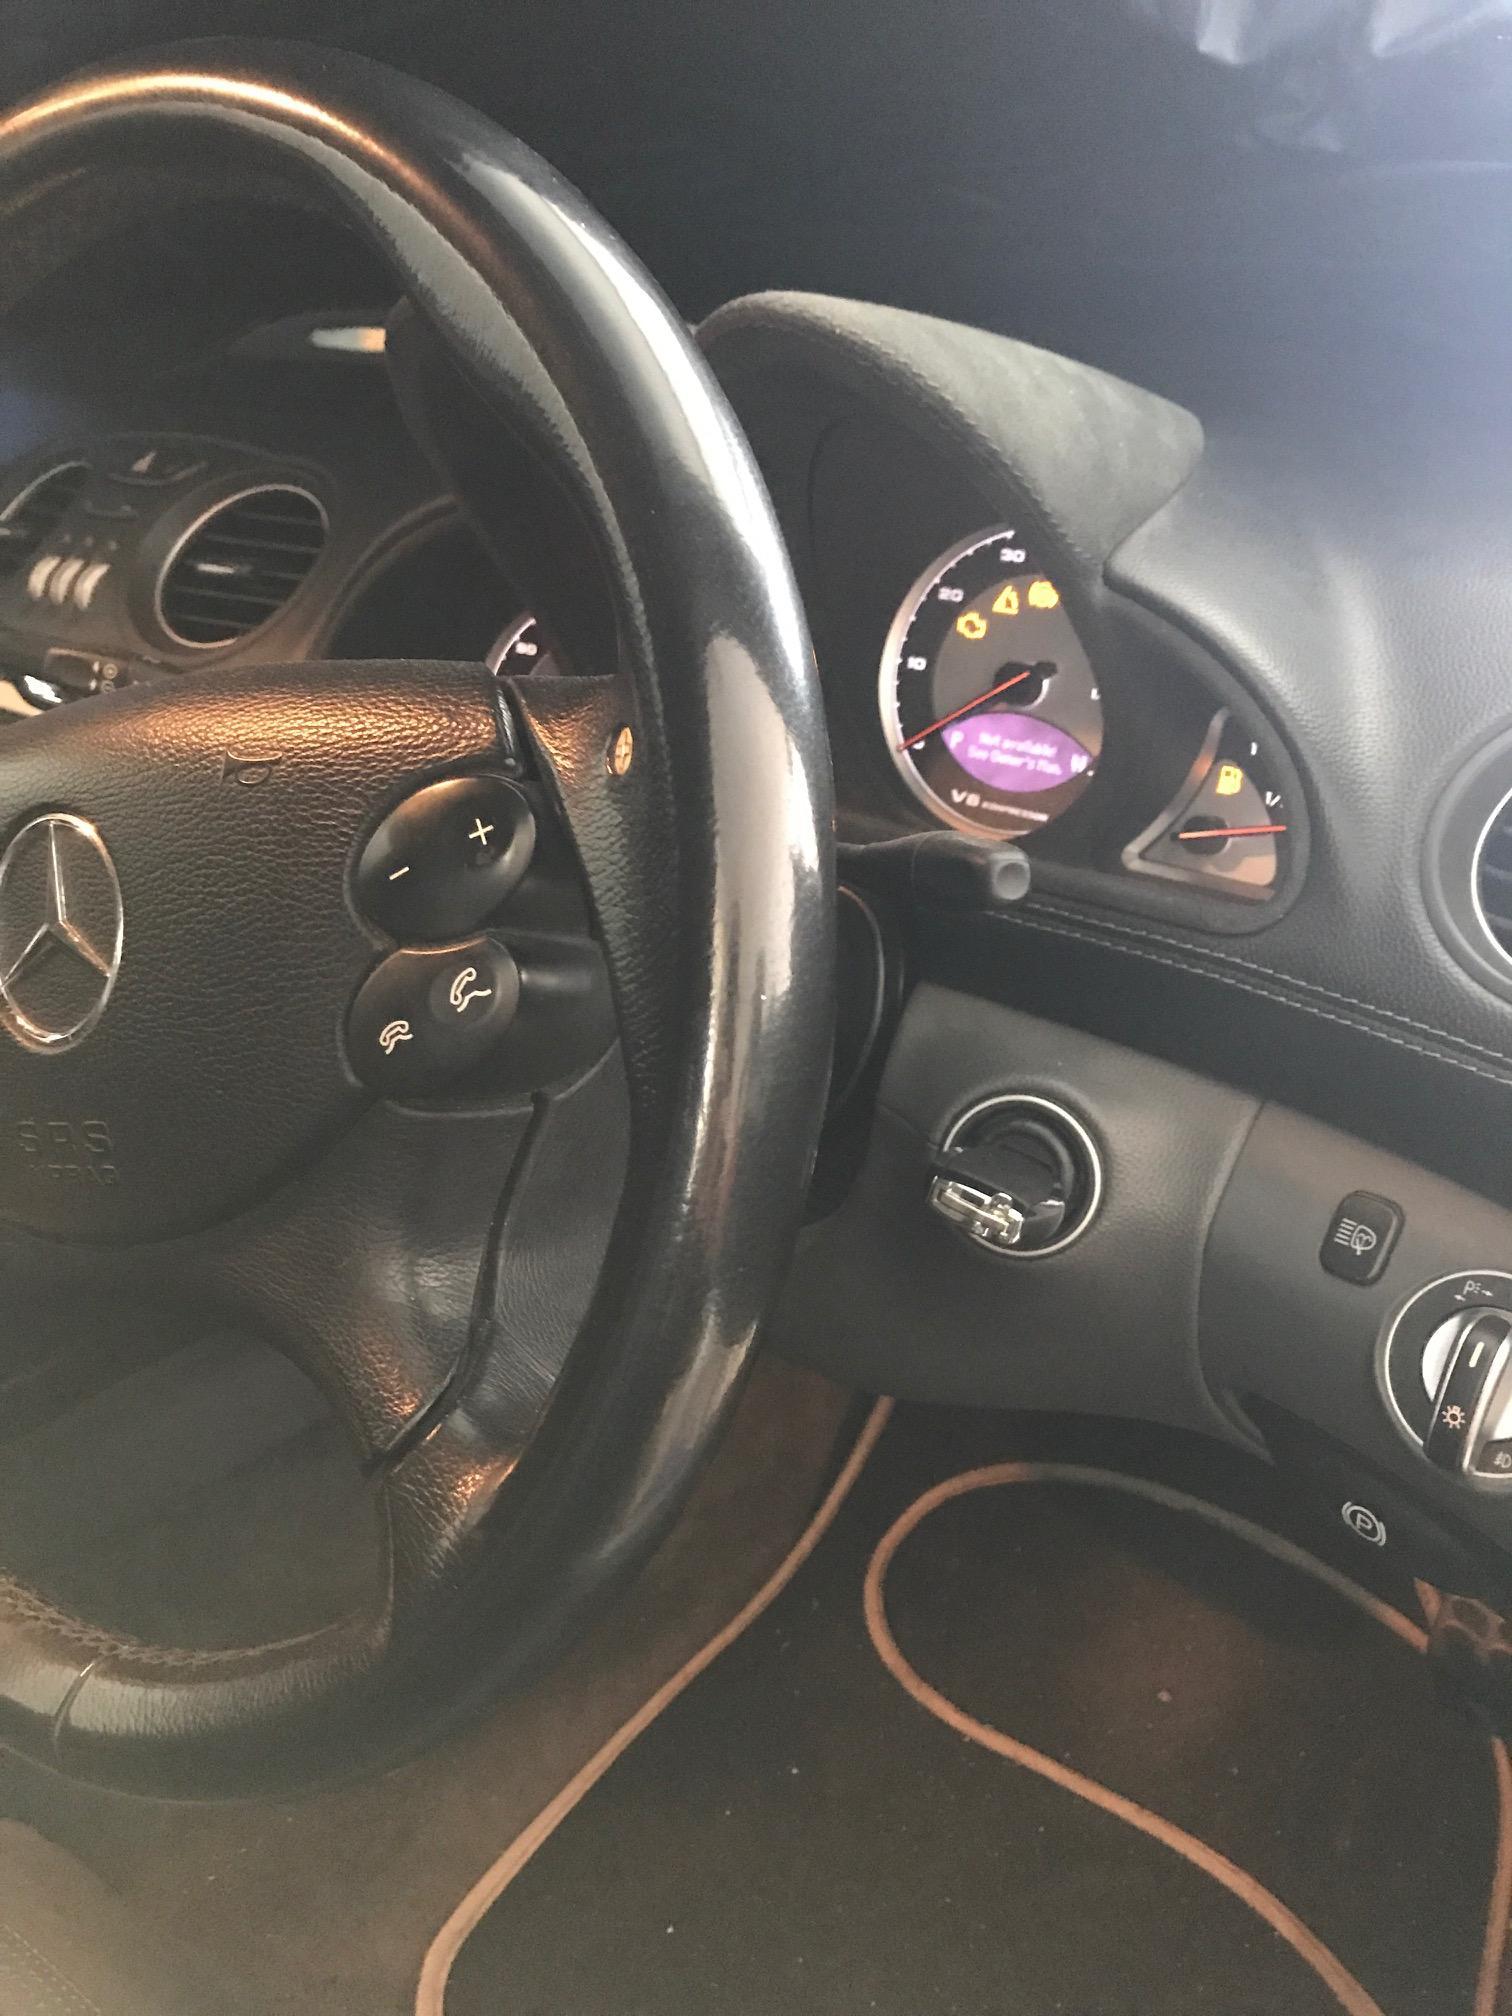 Mercedes Keys | Spare Mercedes Keys | Lost mercedes keys